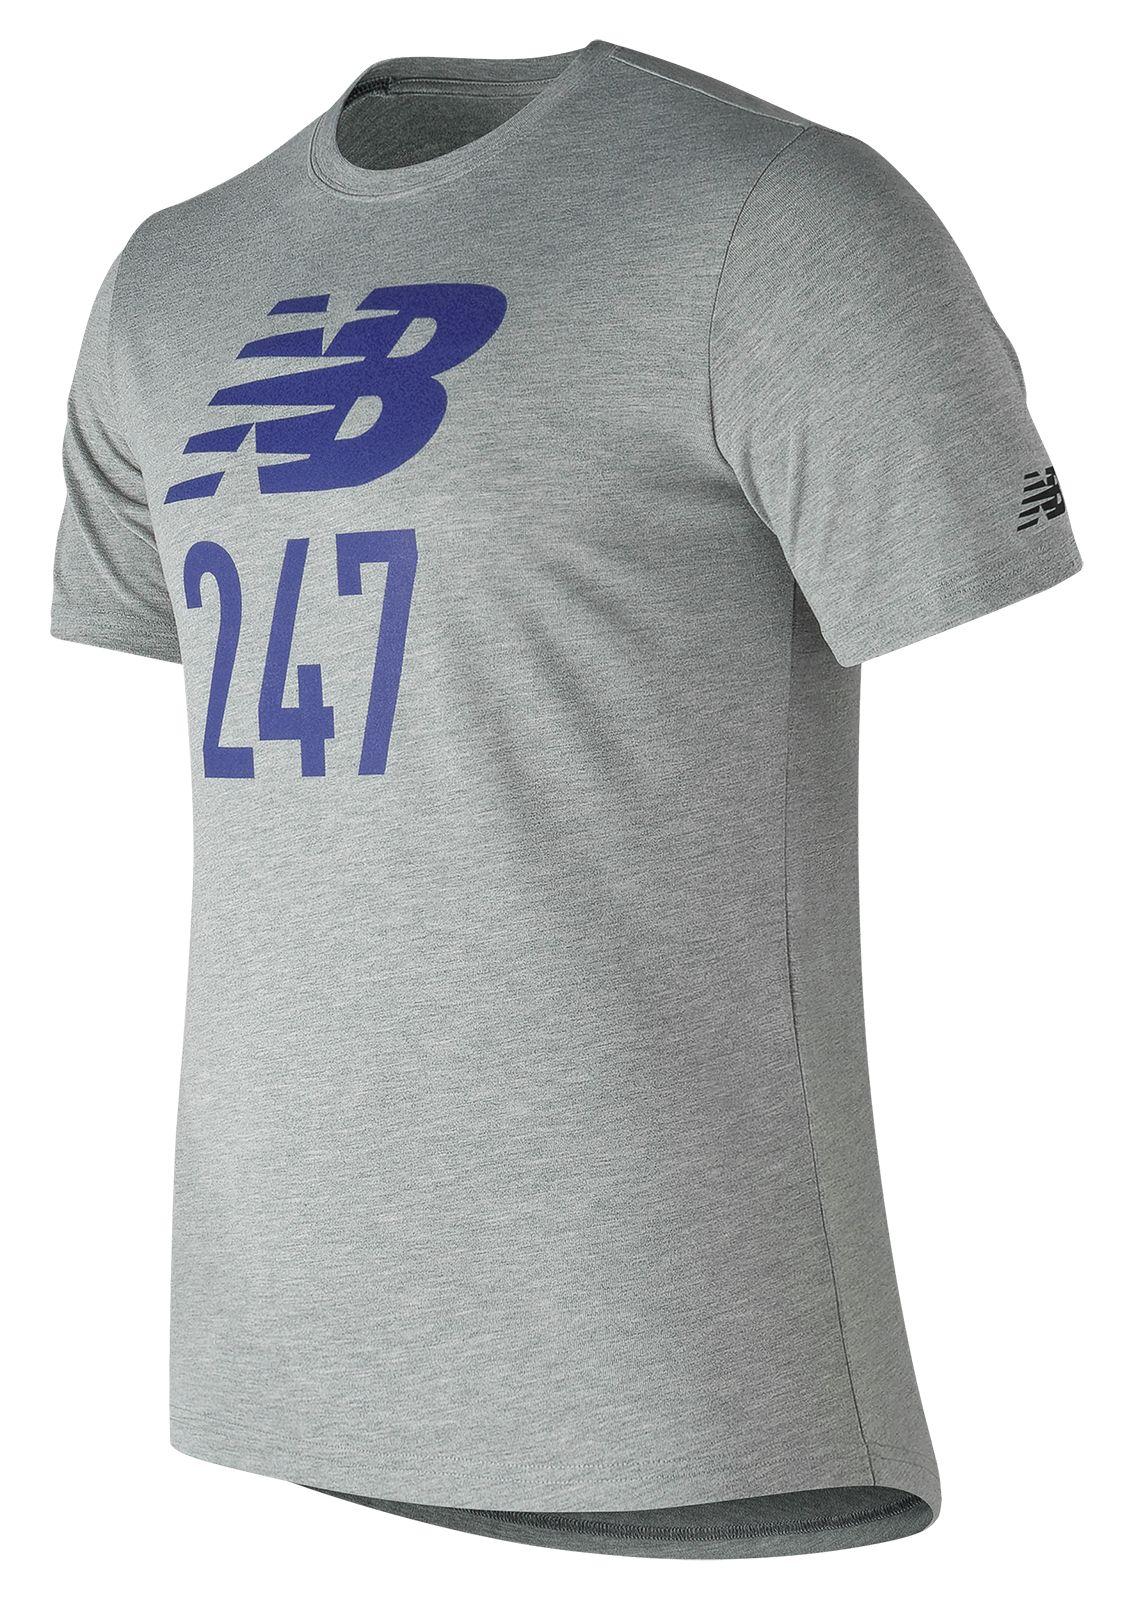 NB 247 Sport Tee, Athletic Grey